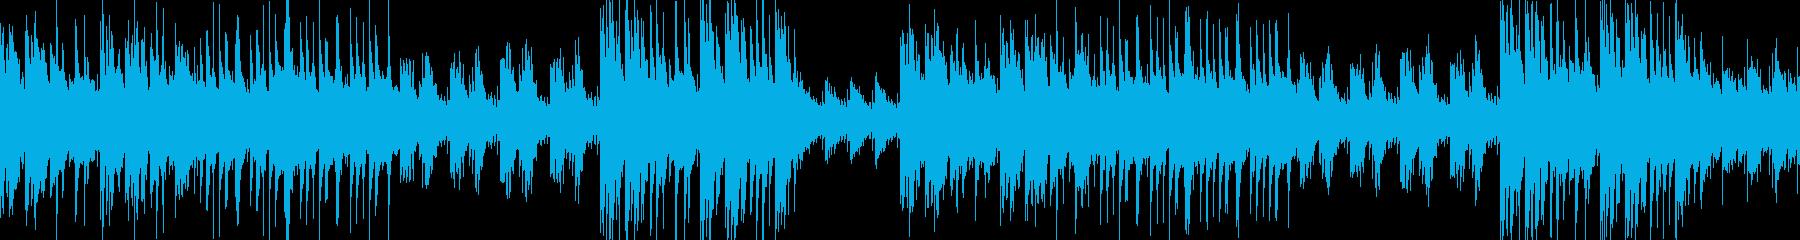 琴、ピアノで優しく静かな和風ループ の再生済みの波形